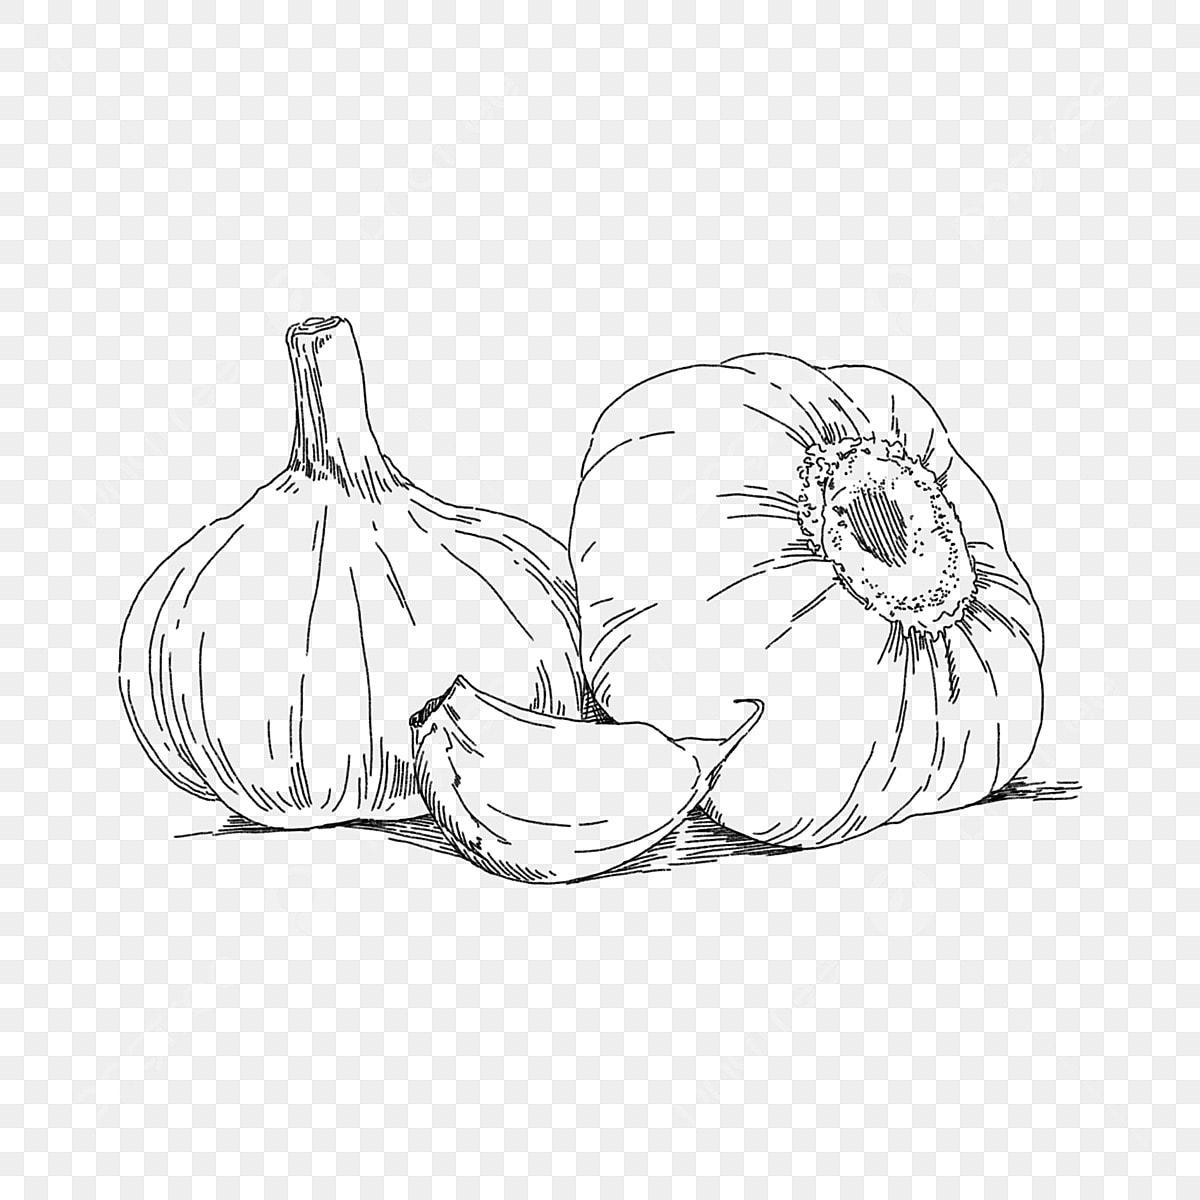 Gambar Garisan Hitam Bawang Putih Sayur Sayuran Makanan Hitam Lukisan Garis Dilukis Dengan Tangan Png Dan Psd Untuk Muat Turun Percuma